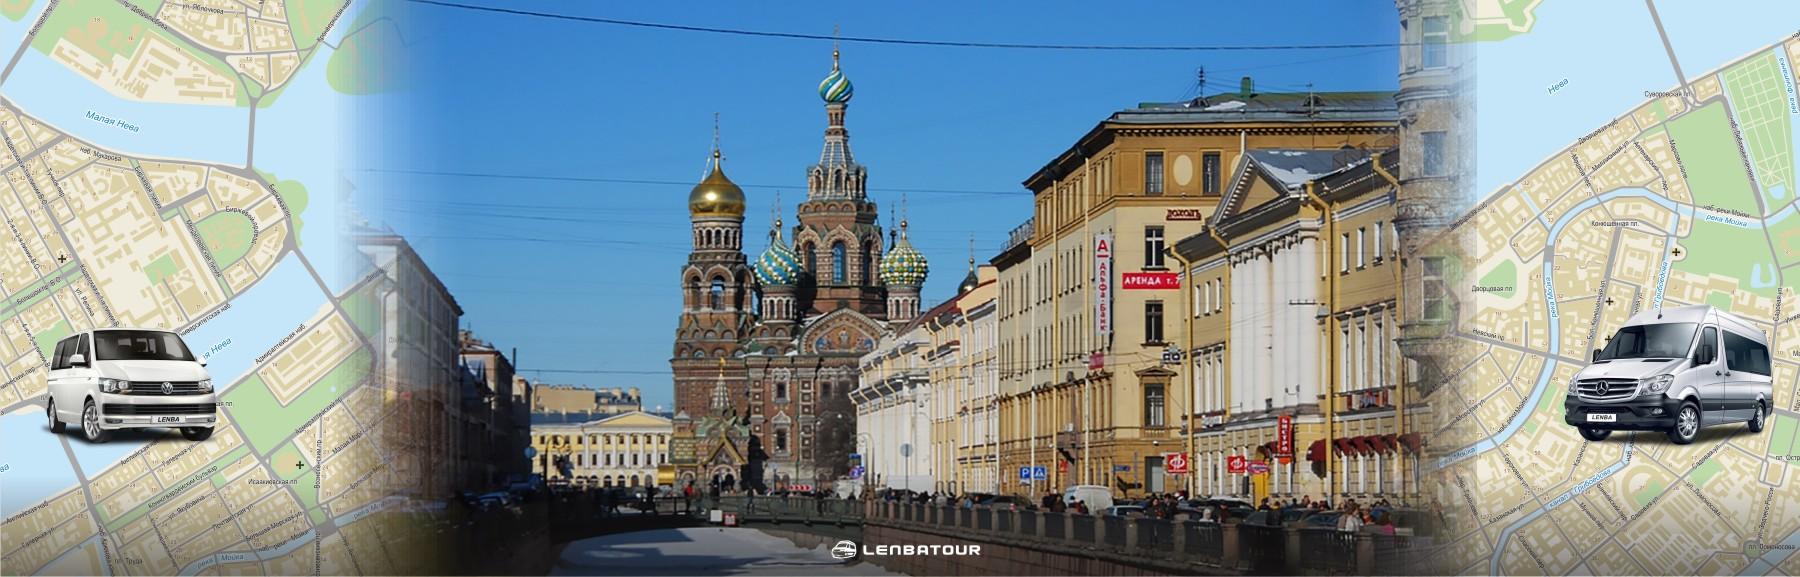 Автобусная обзорная экскурсия по СПб